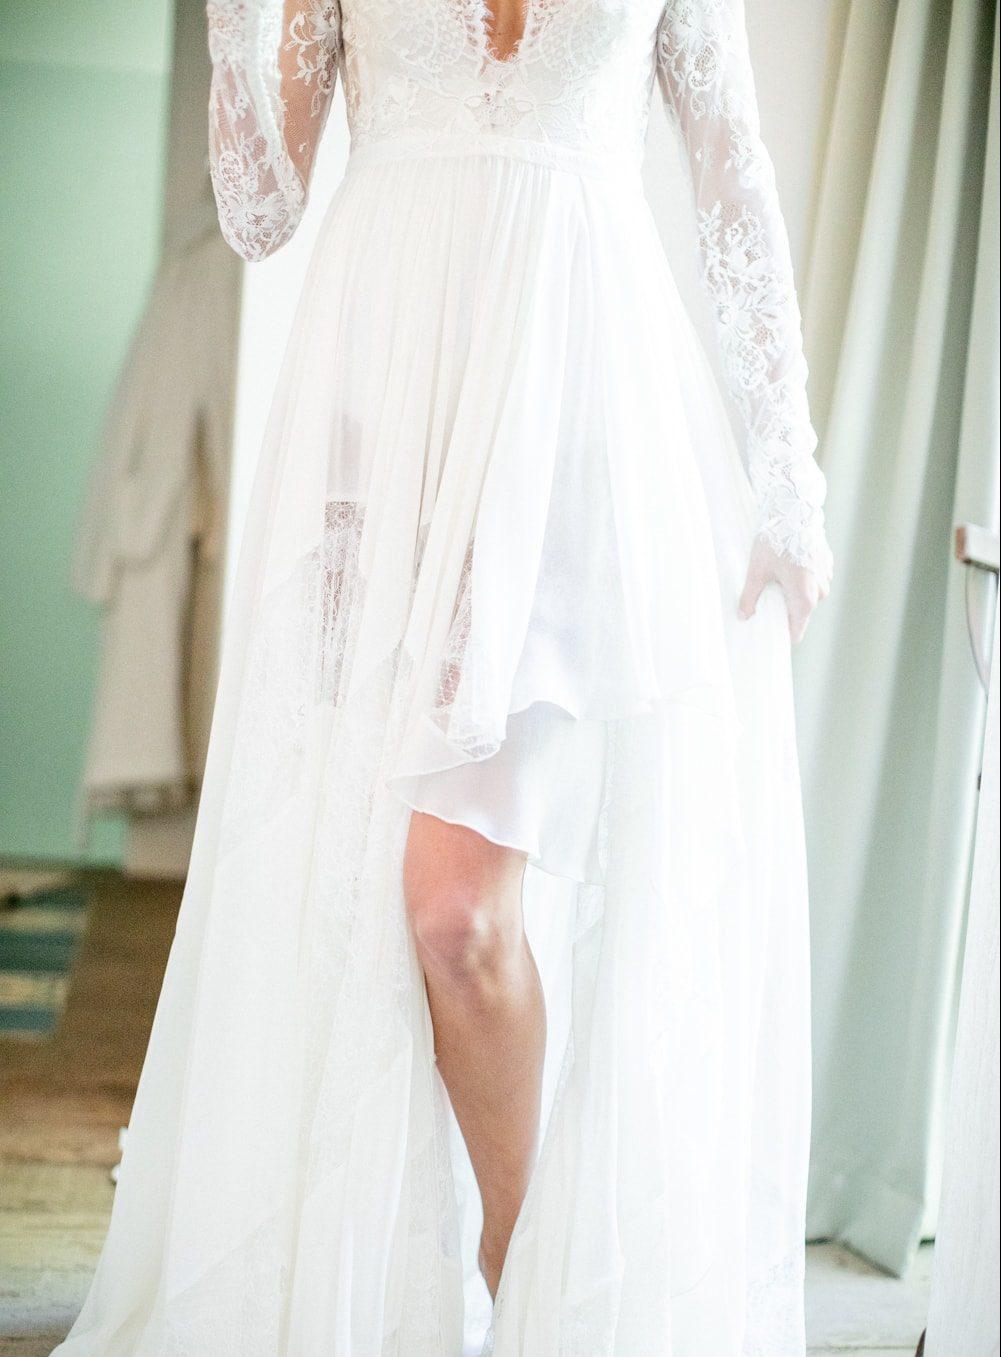 casamento-babi-e-Marcos-casamento-de-dia-casamento-ao-ar-livre-rio-de-janeiro-fotografia-Rodrigo-Sack-making-of-vestido-26-e1545407950379